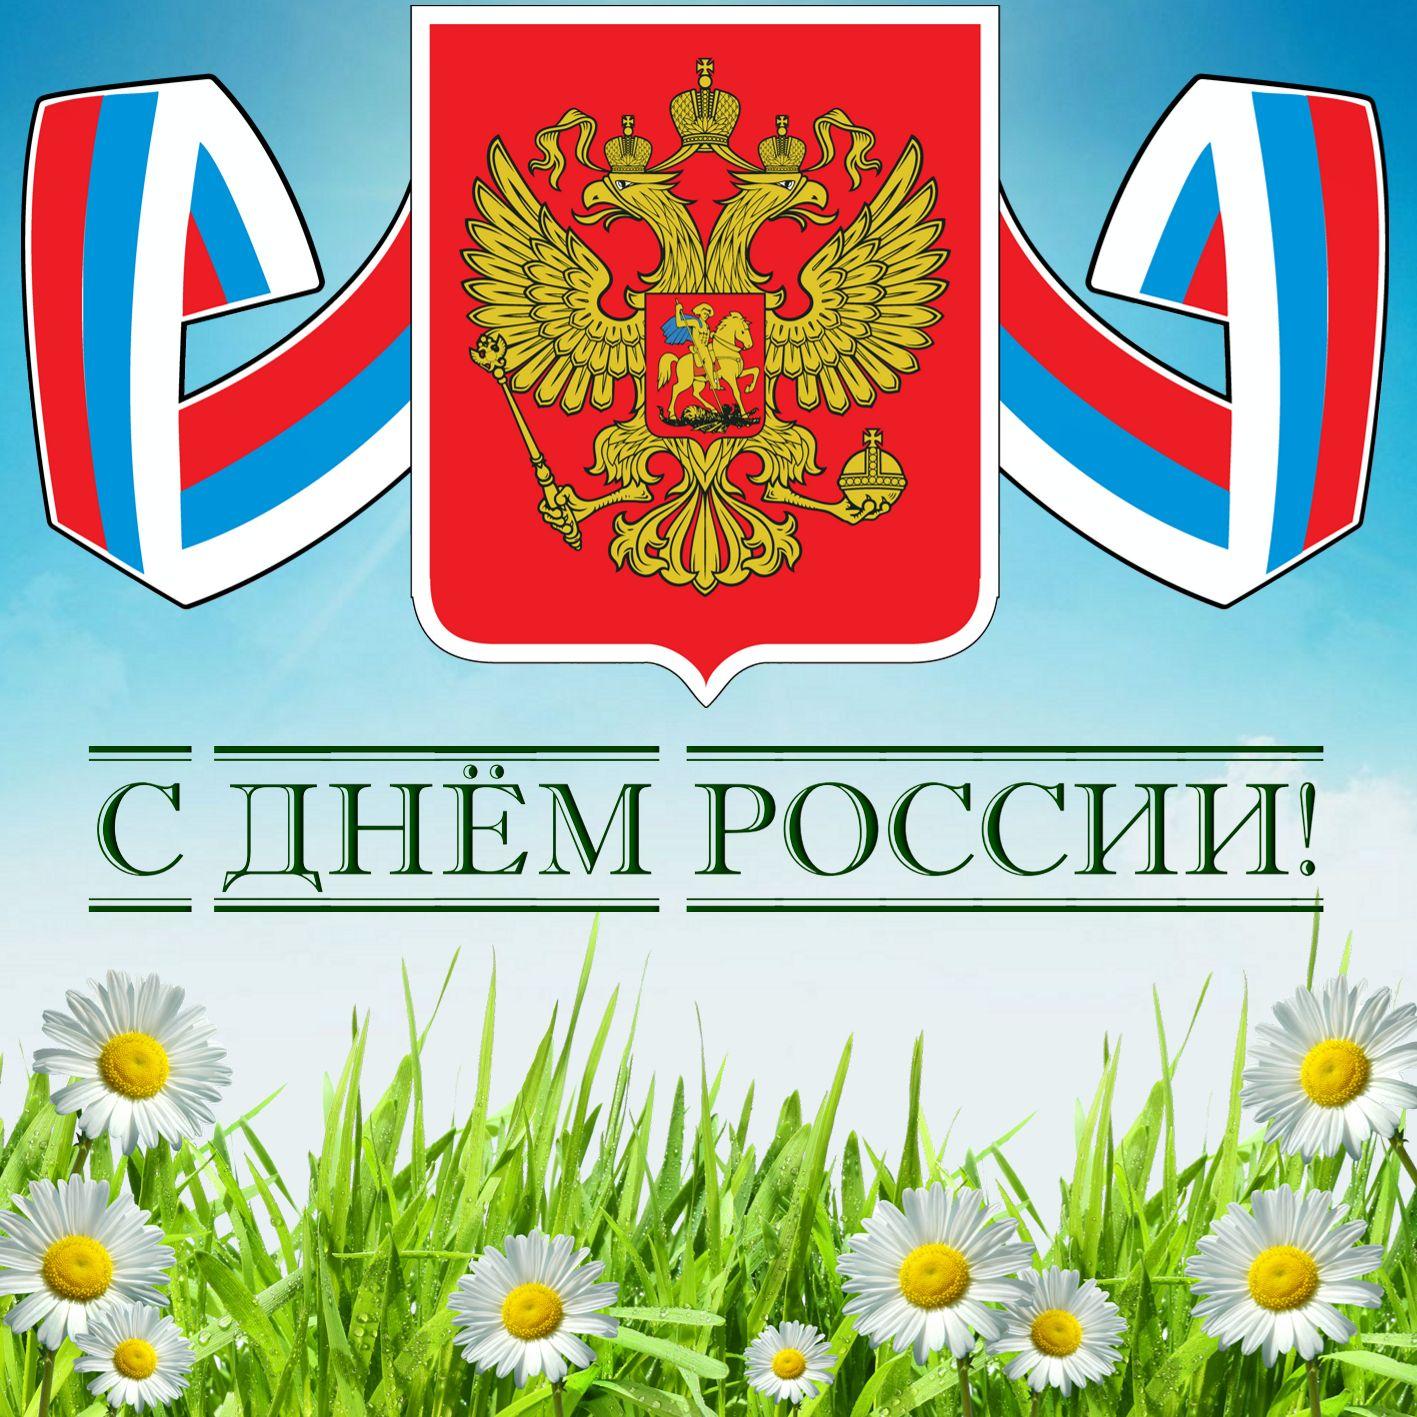 Герб России над ромашковым полем